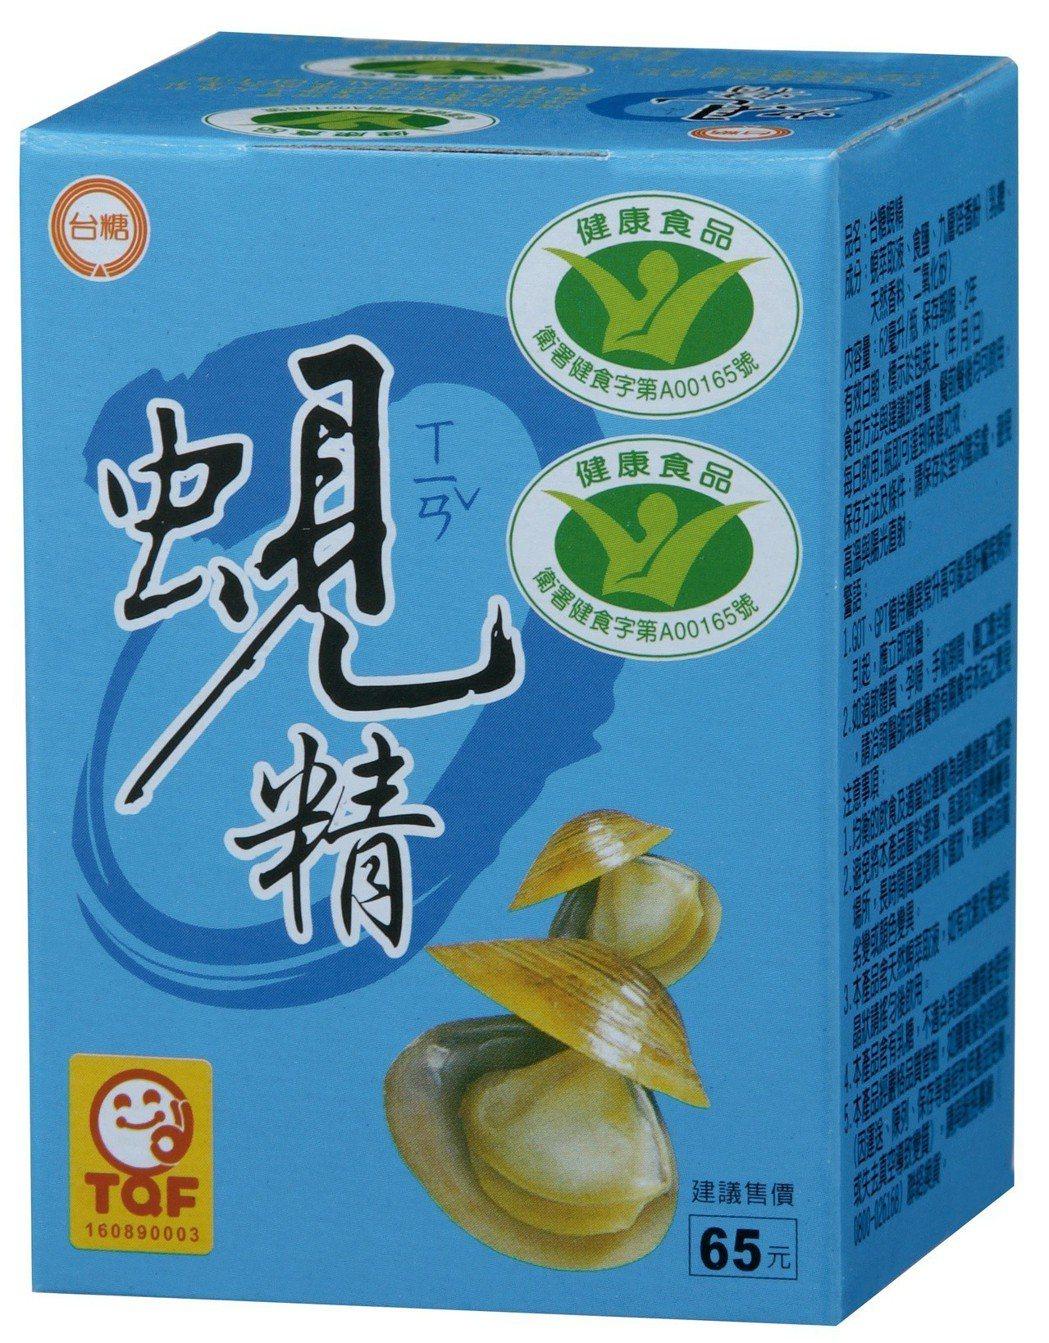 台糖蜆精產品圖。 台糖公司/提供